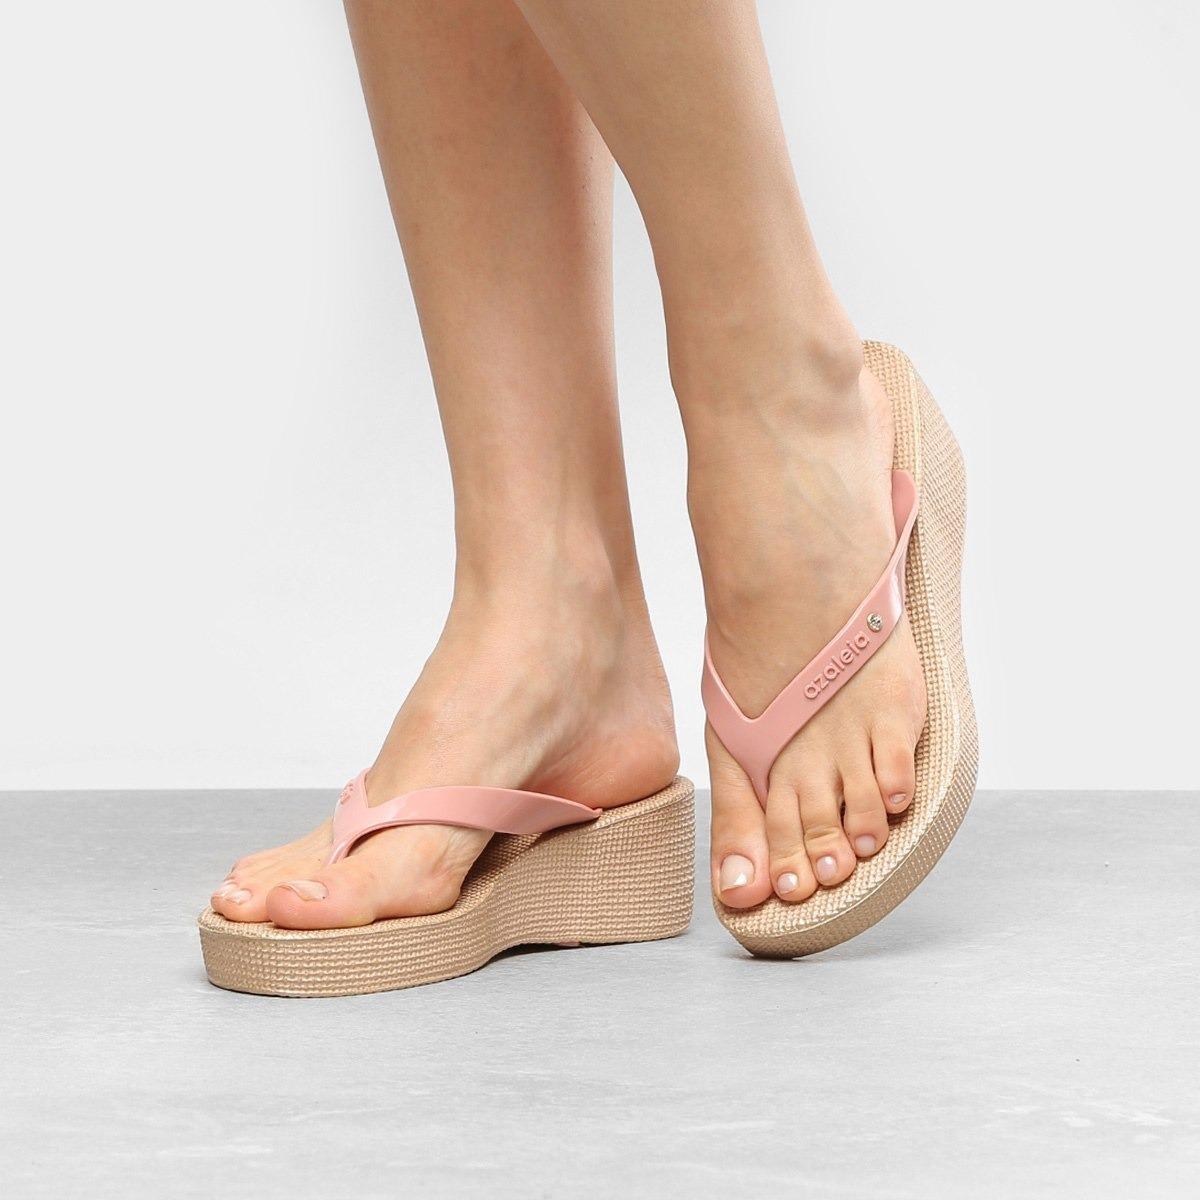 4c35331fb5 Carregando zoom... azaleia anabela calçado feminino. Carregando zoom... calçado  feminino azaleia tropical salto anabela 251 756